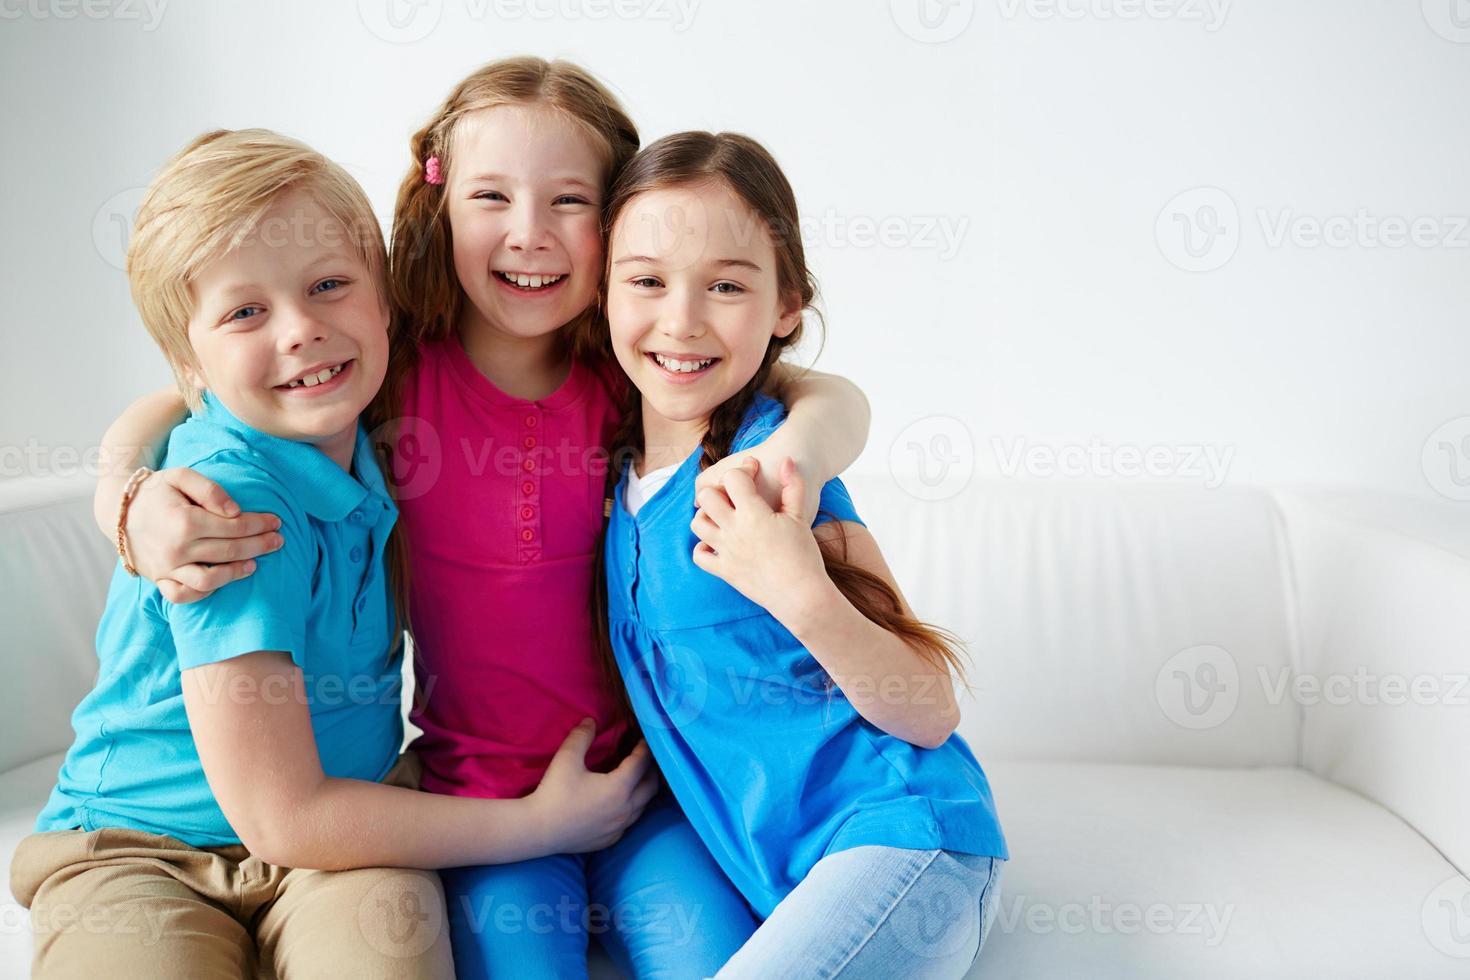 bambini allegri foto